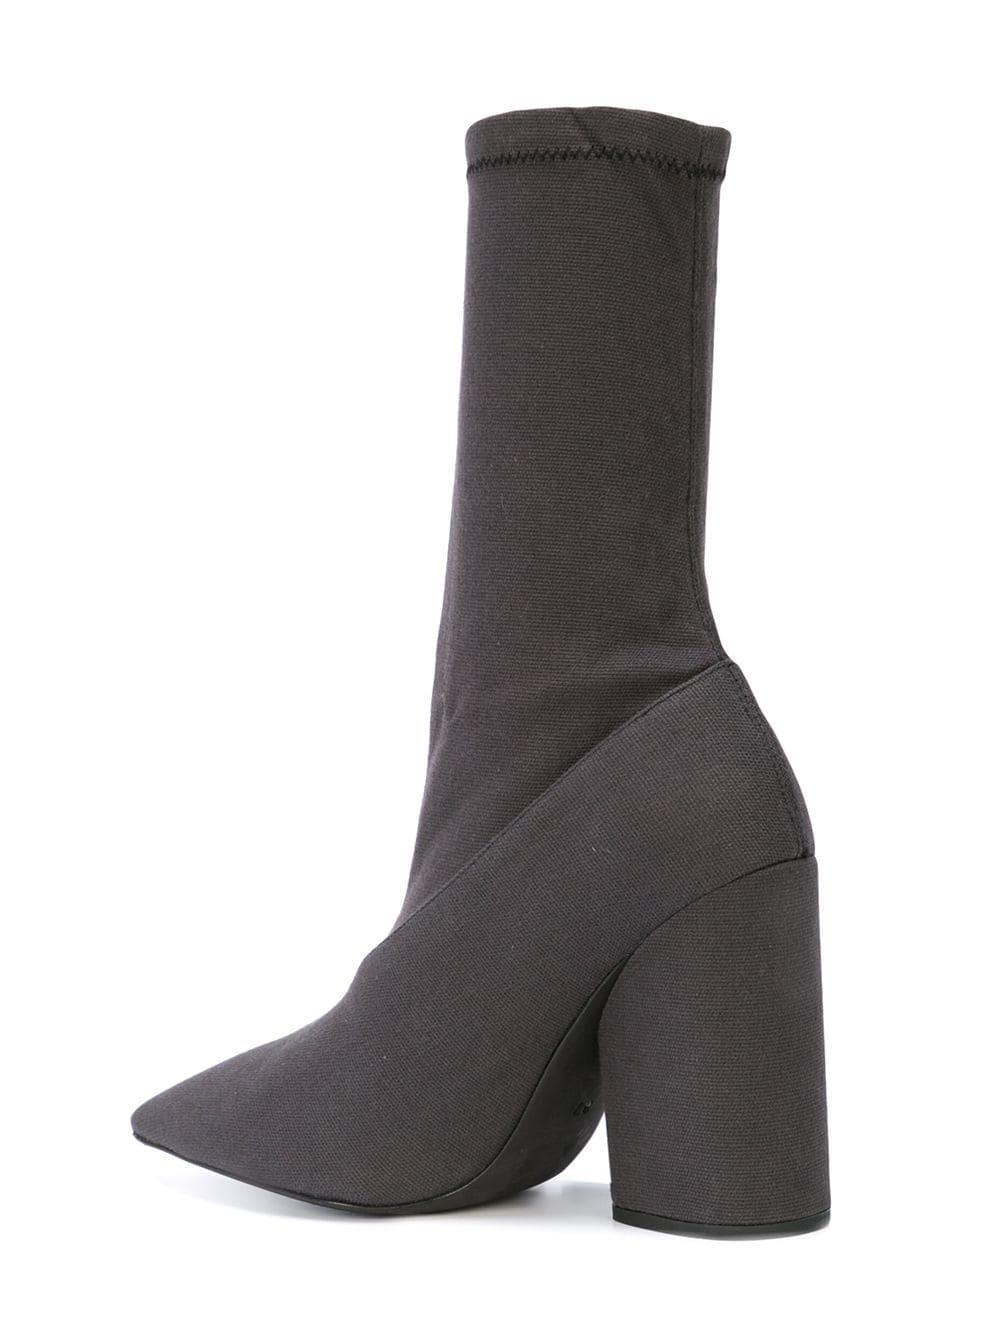 5e0be13a9 Lyst - Yeezy Season 7 Sock Boots in Black